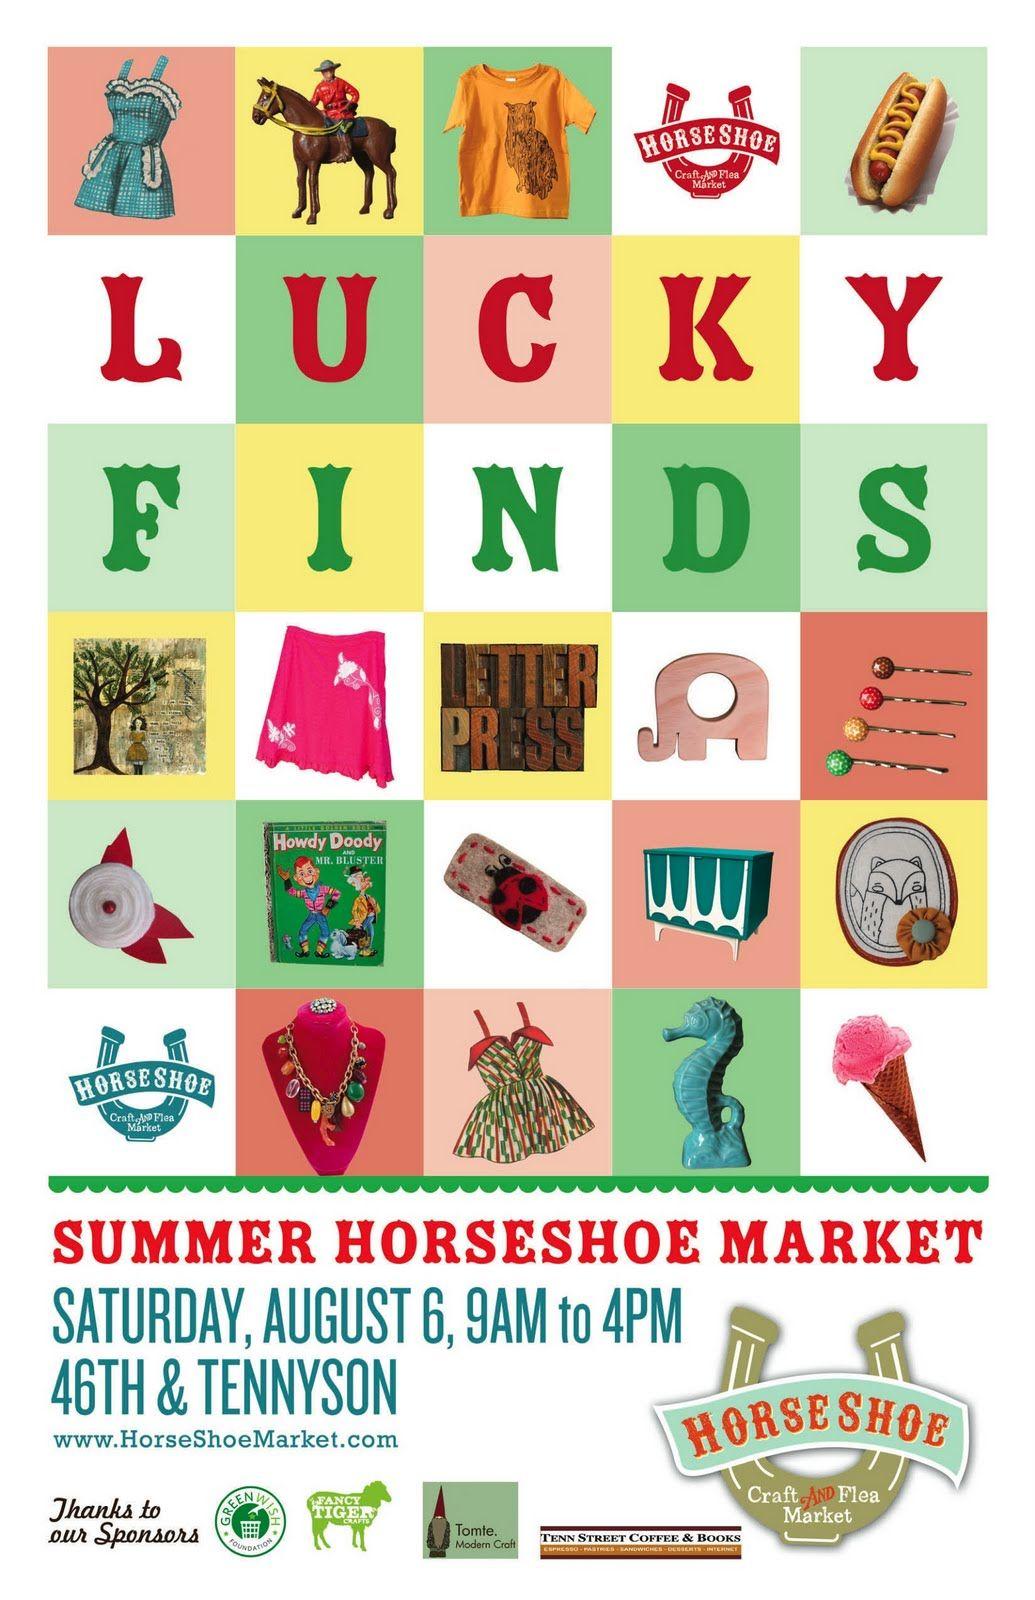 Summer Horseshoe Market Poster #luckyfinds  #denver